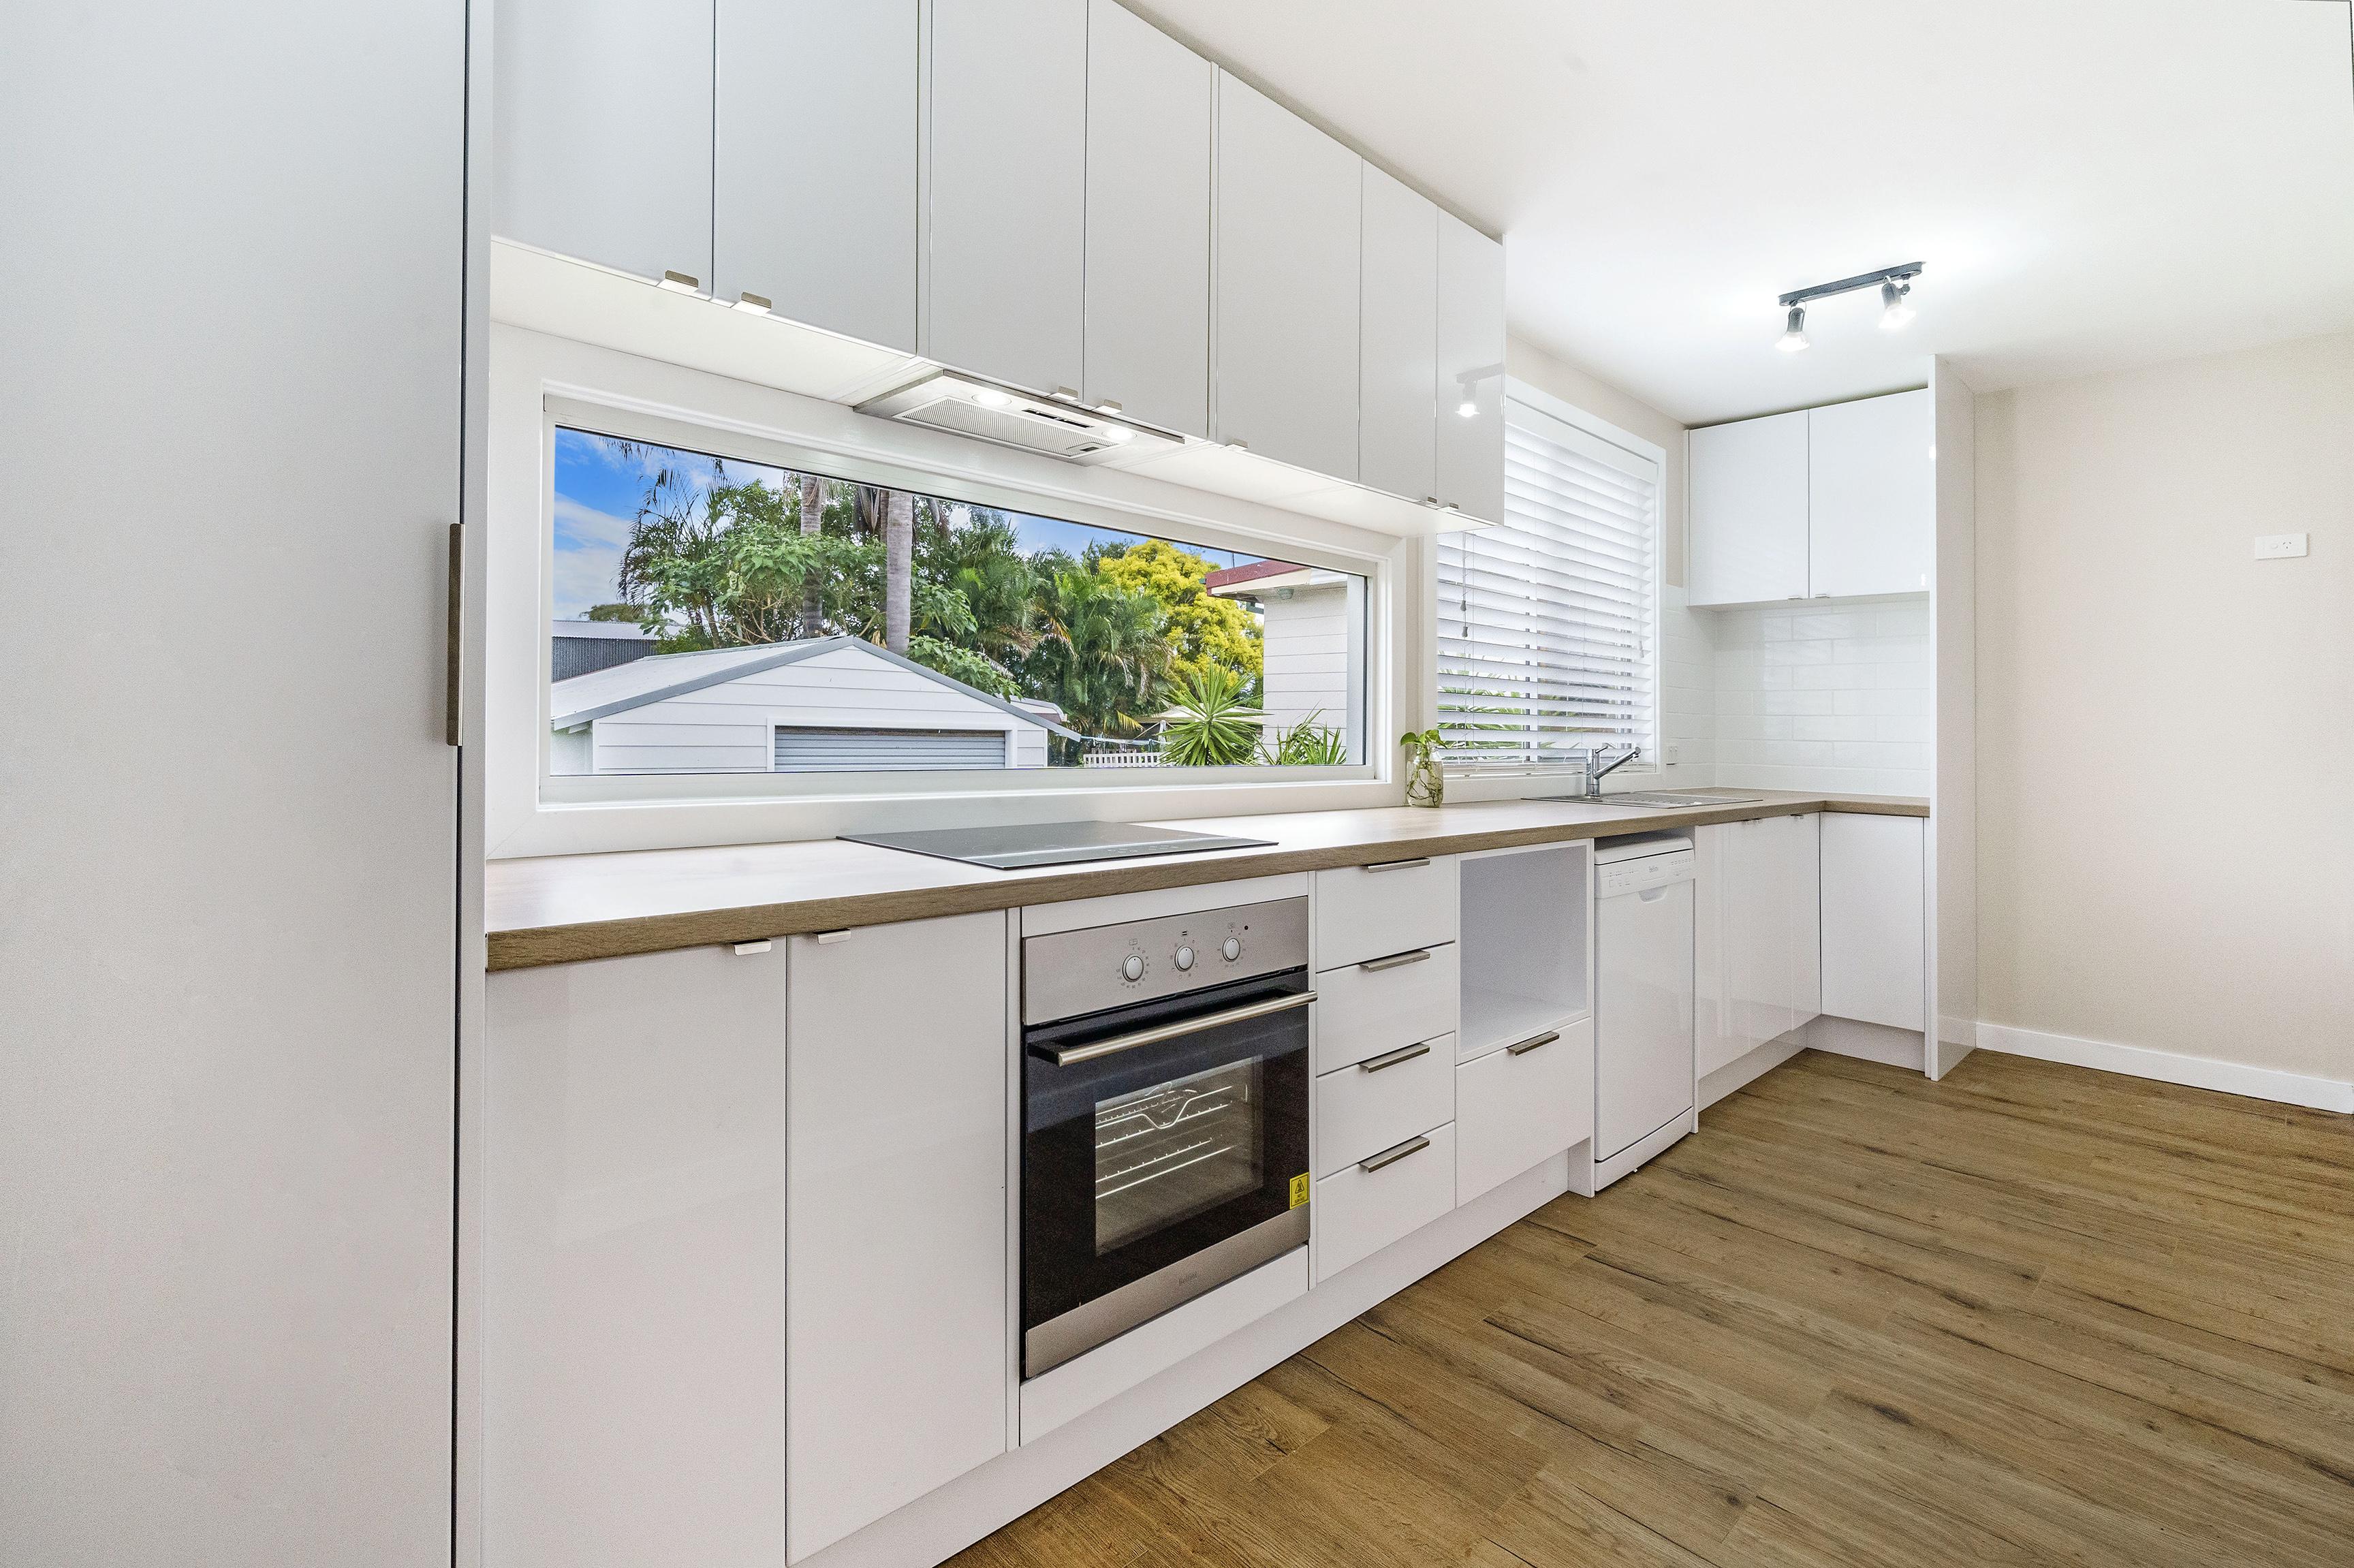 25 Margaret St Belmont North kitchen